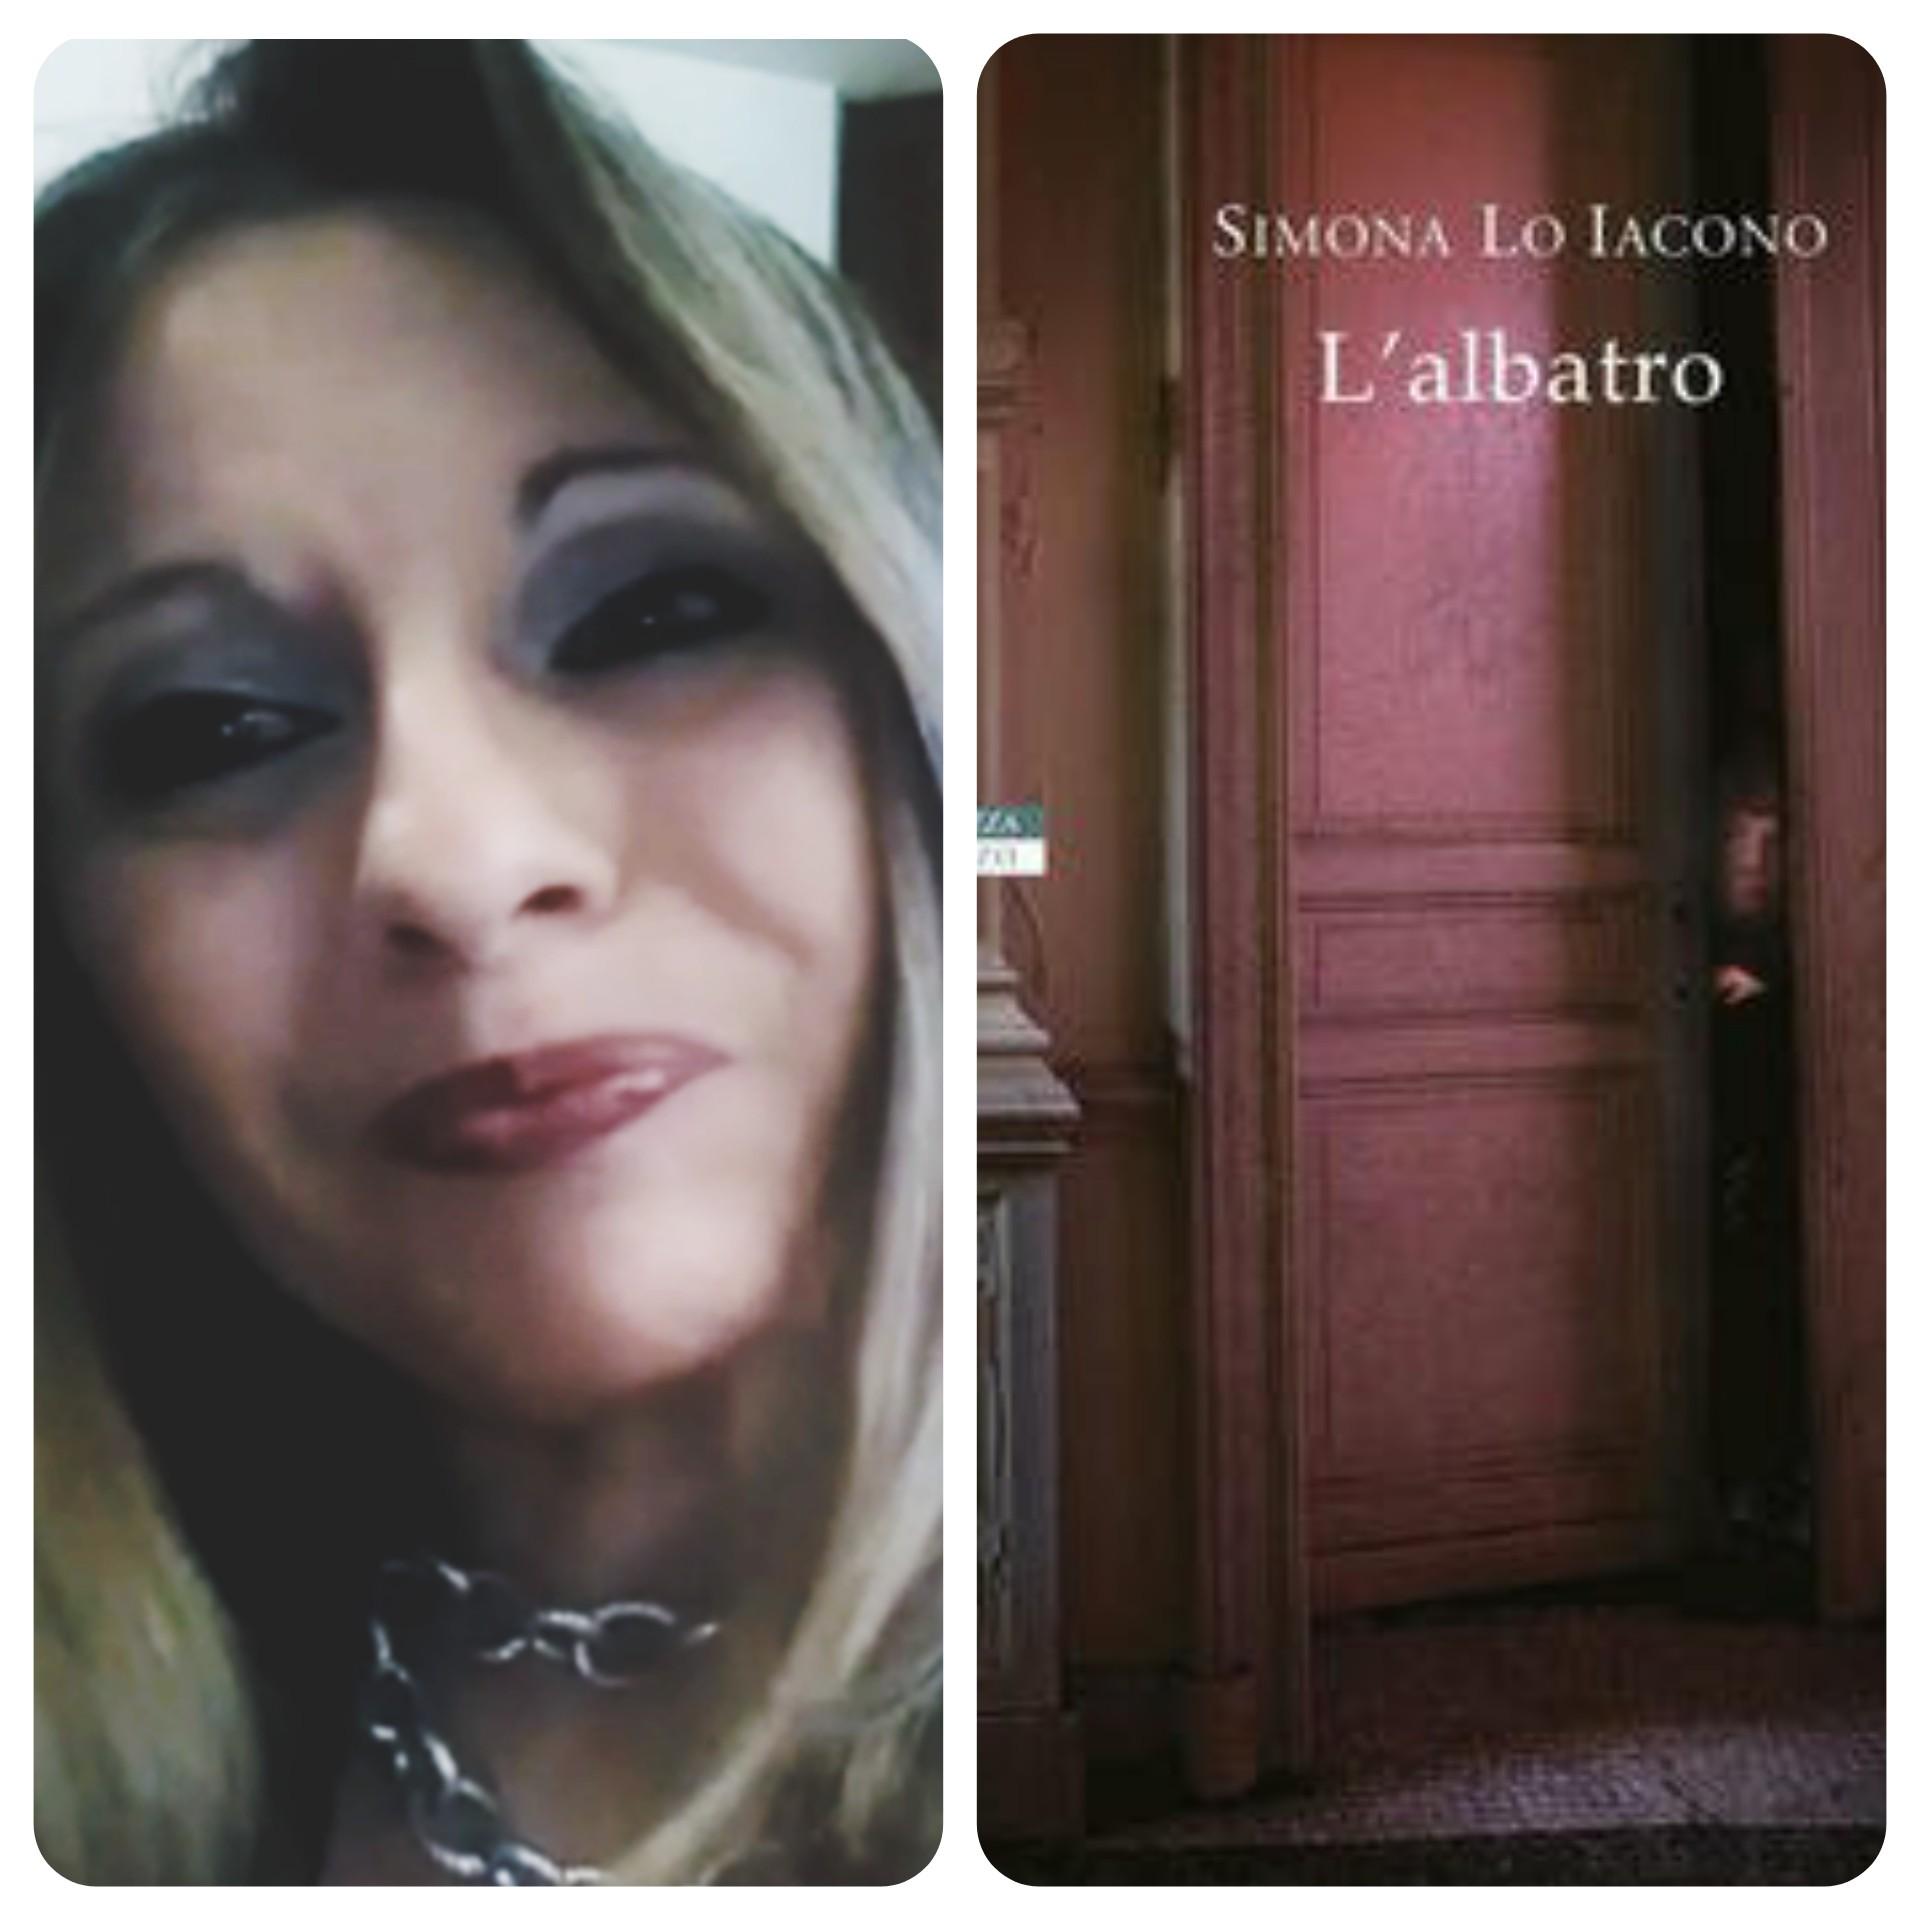 """""""Ve lo legge lo scrittore"""" con Simona Lo Iacono autrice del romanzo """"L'albatro"""" edito da Neri Pozza"""